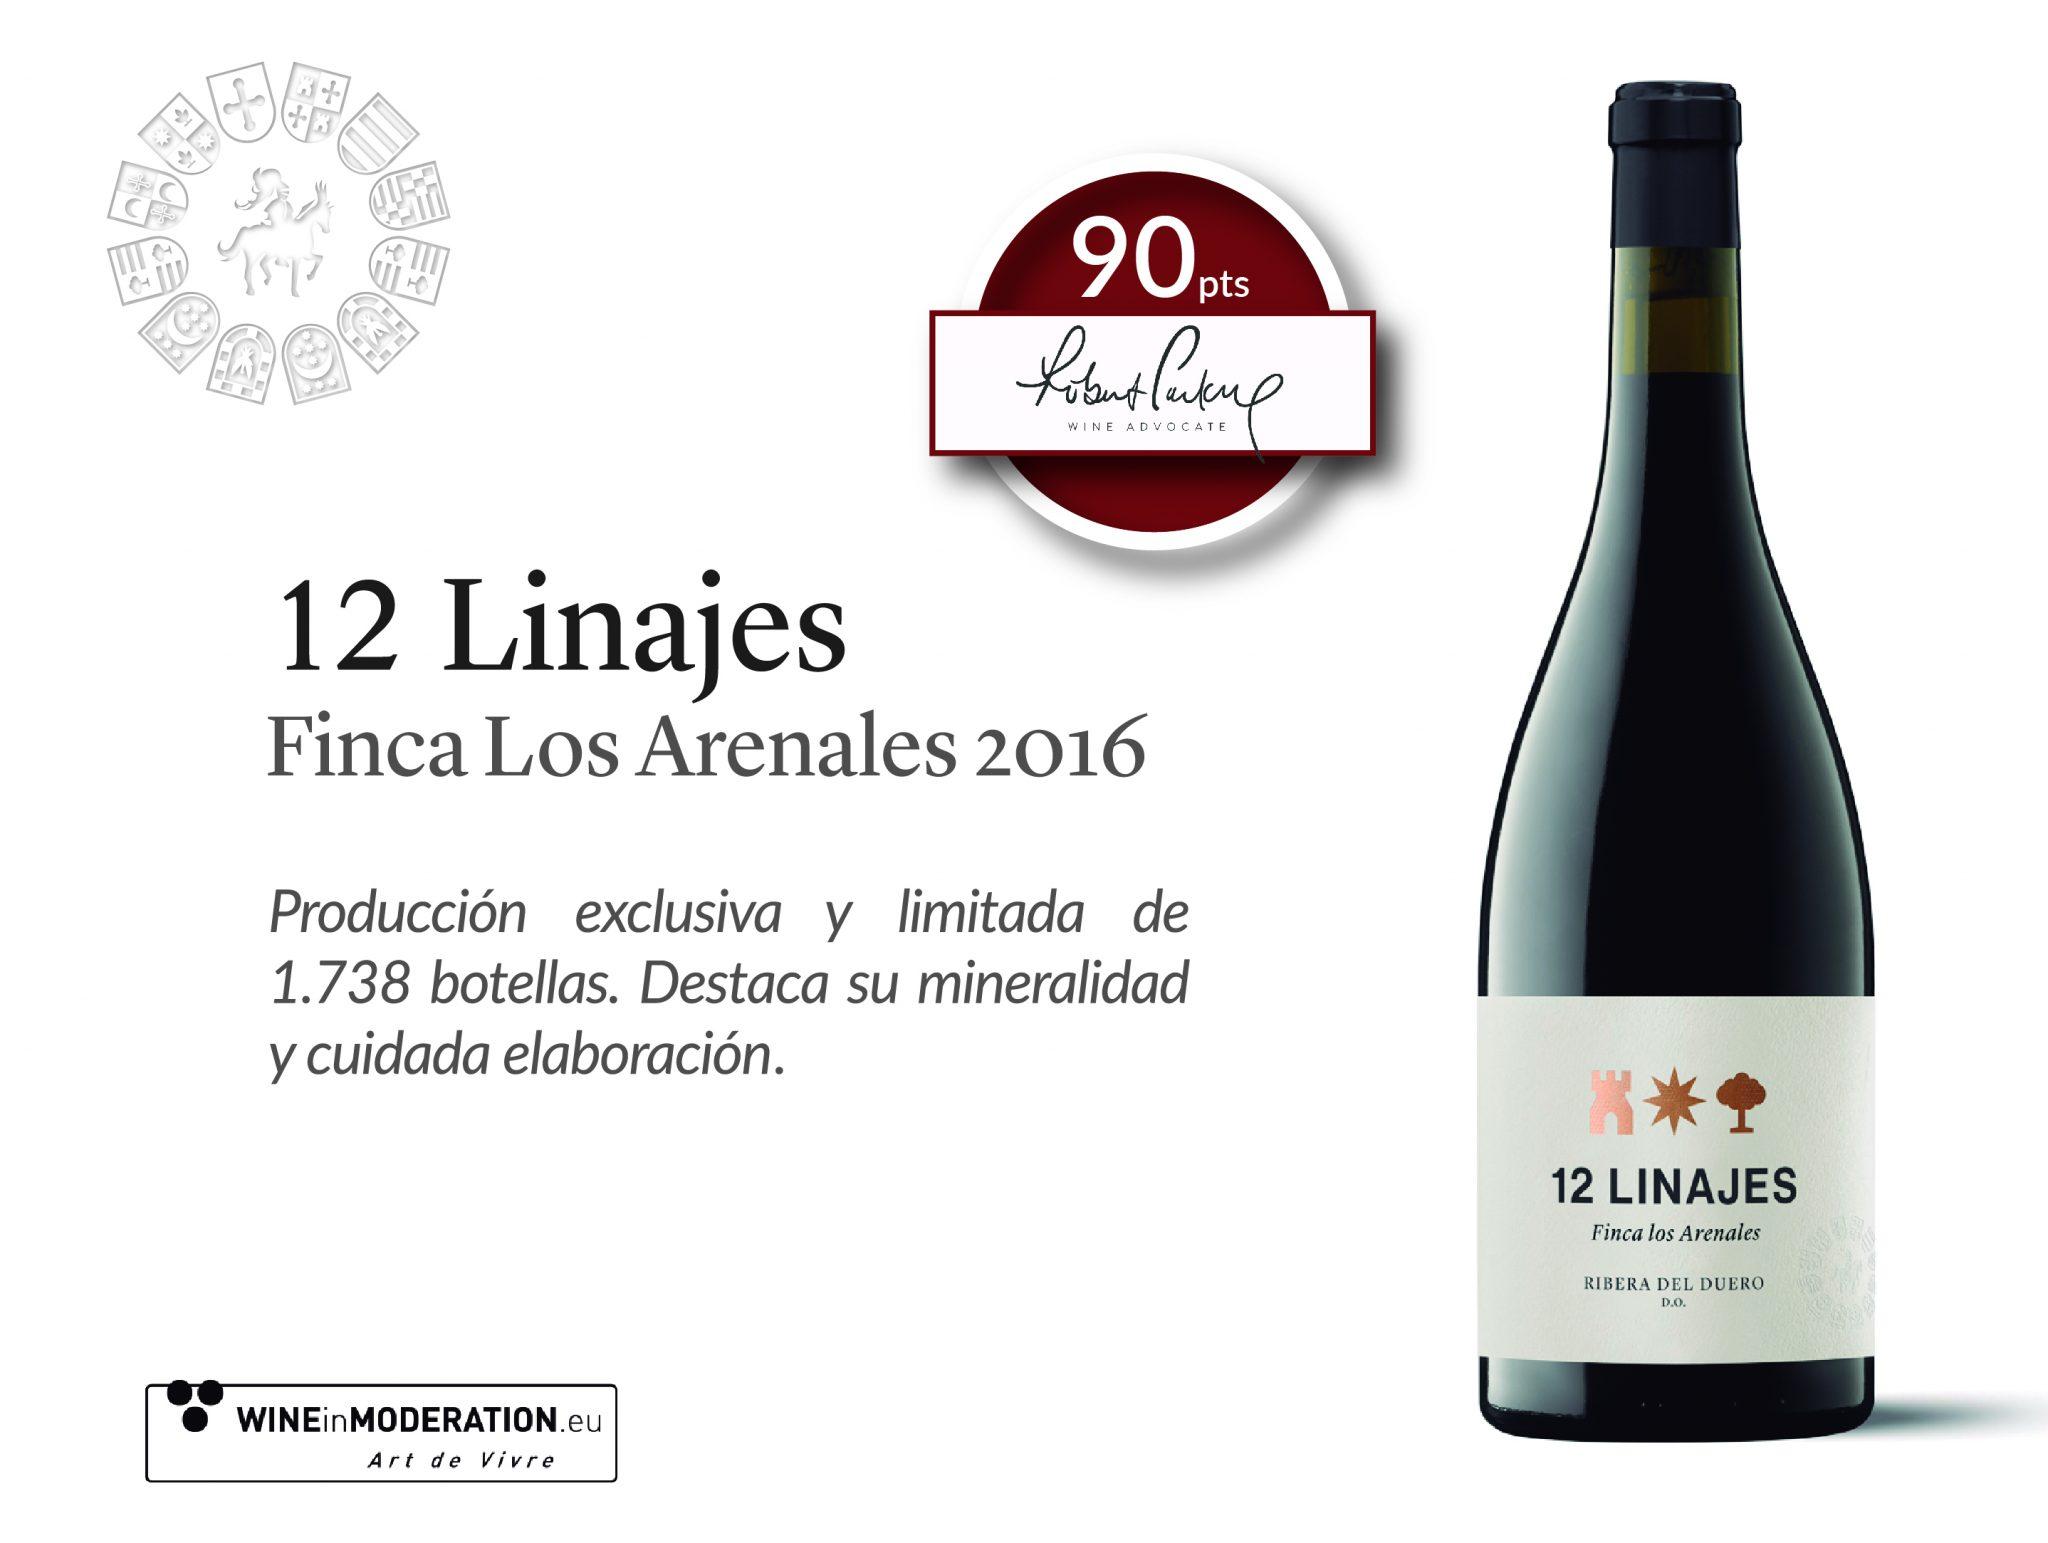 12 Linajes Finca Los Arenales